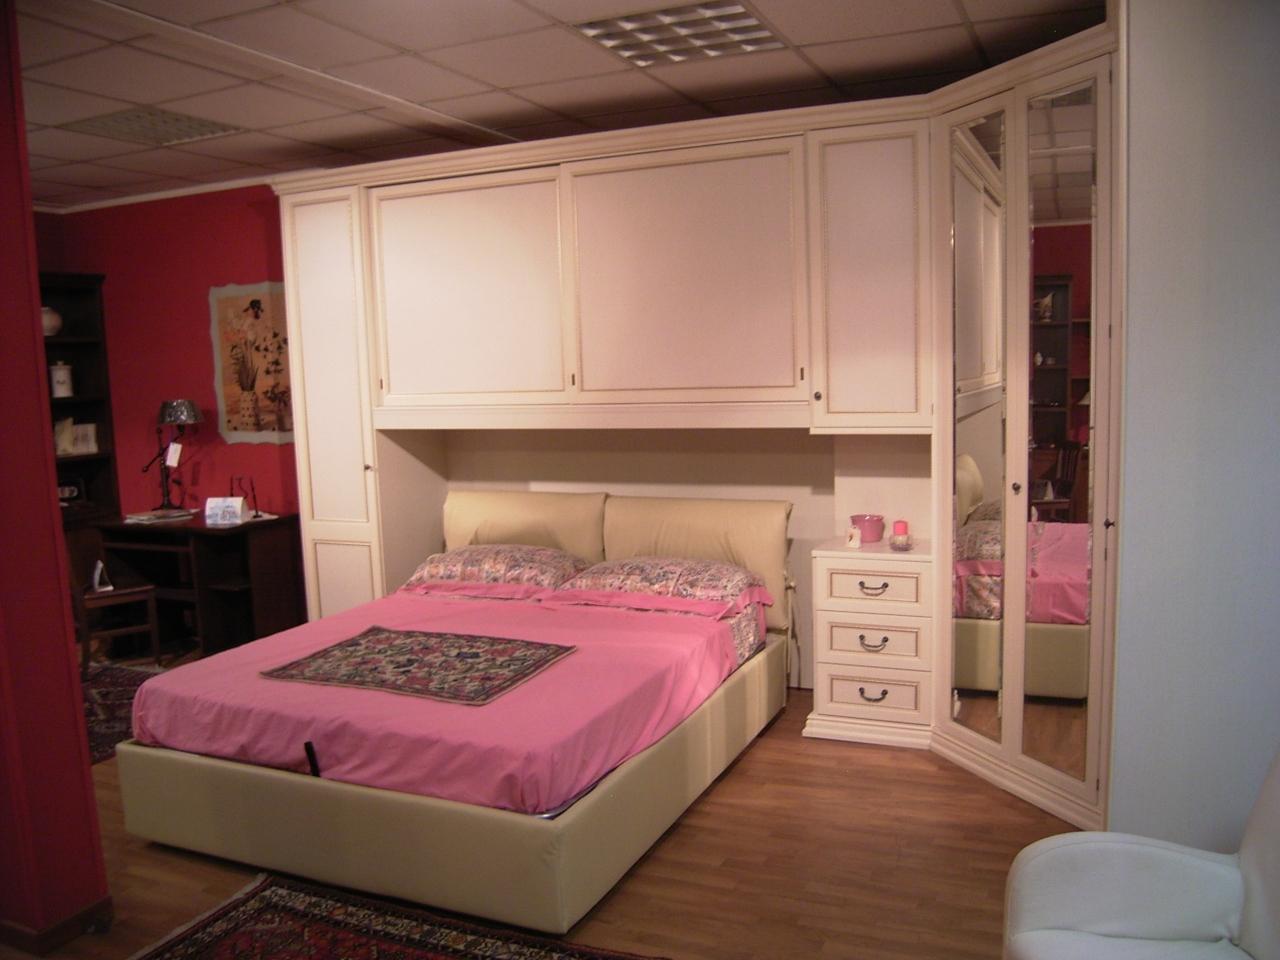 Armadio ponte cabina scontato camere a prezzi scontati for Camera da letto in stile cabina